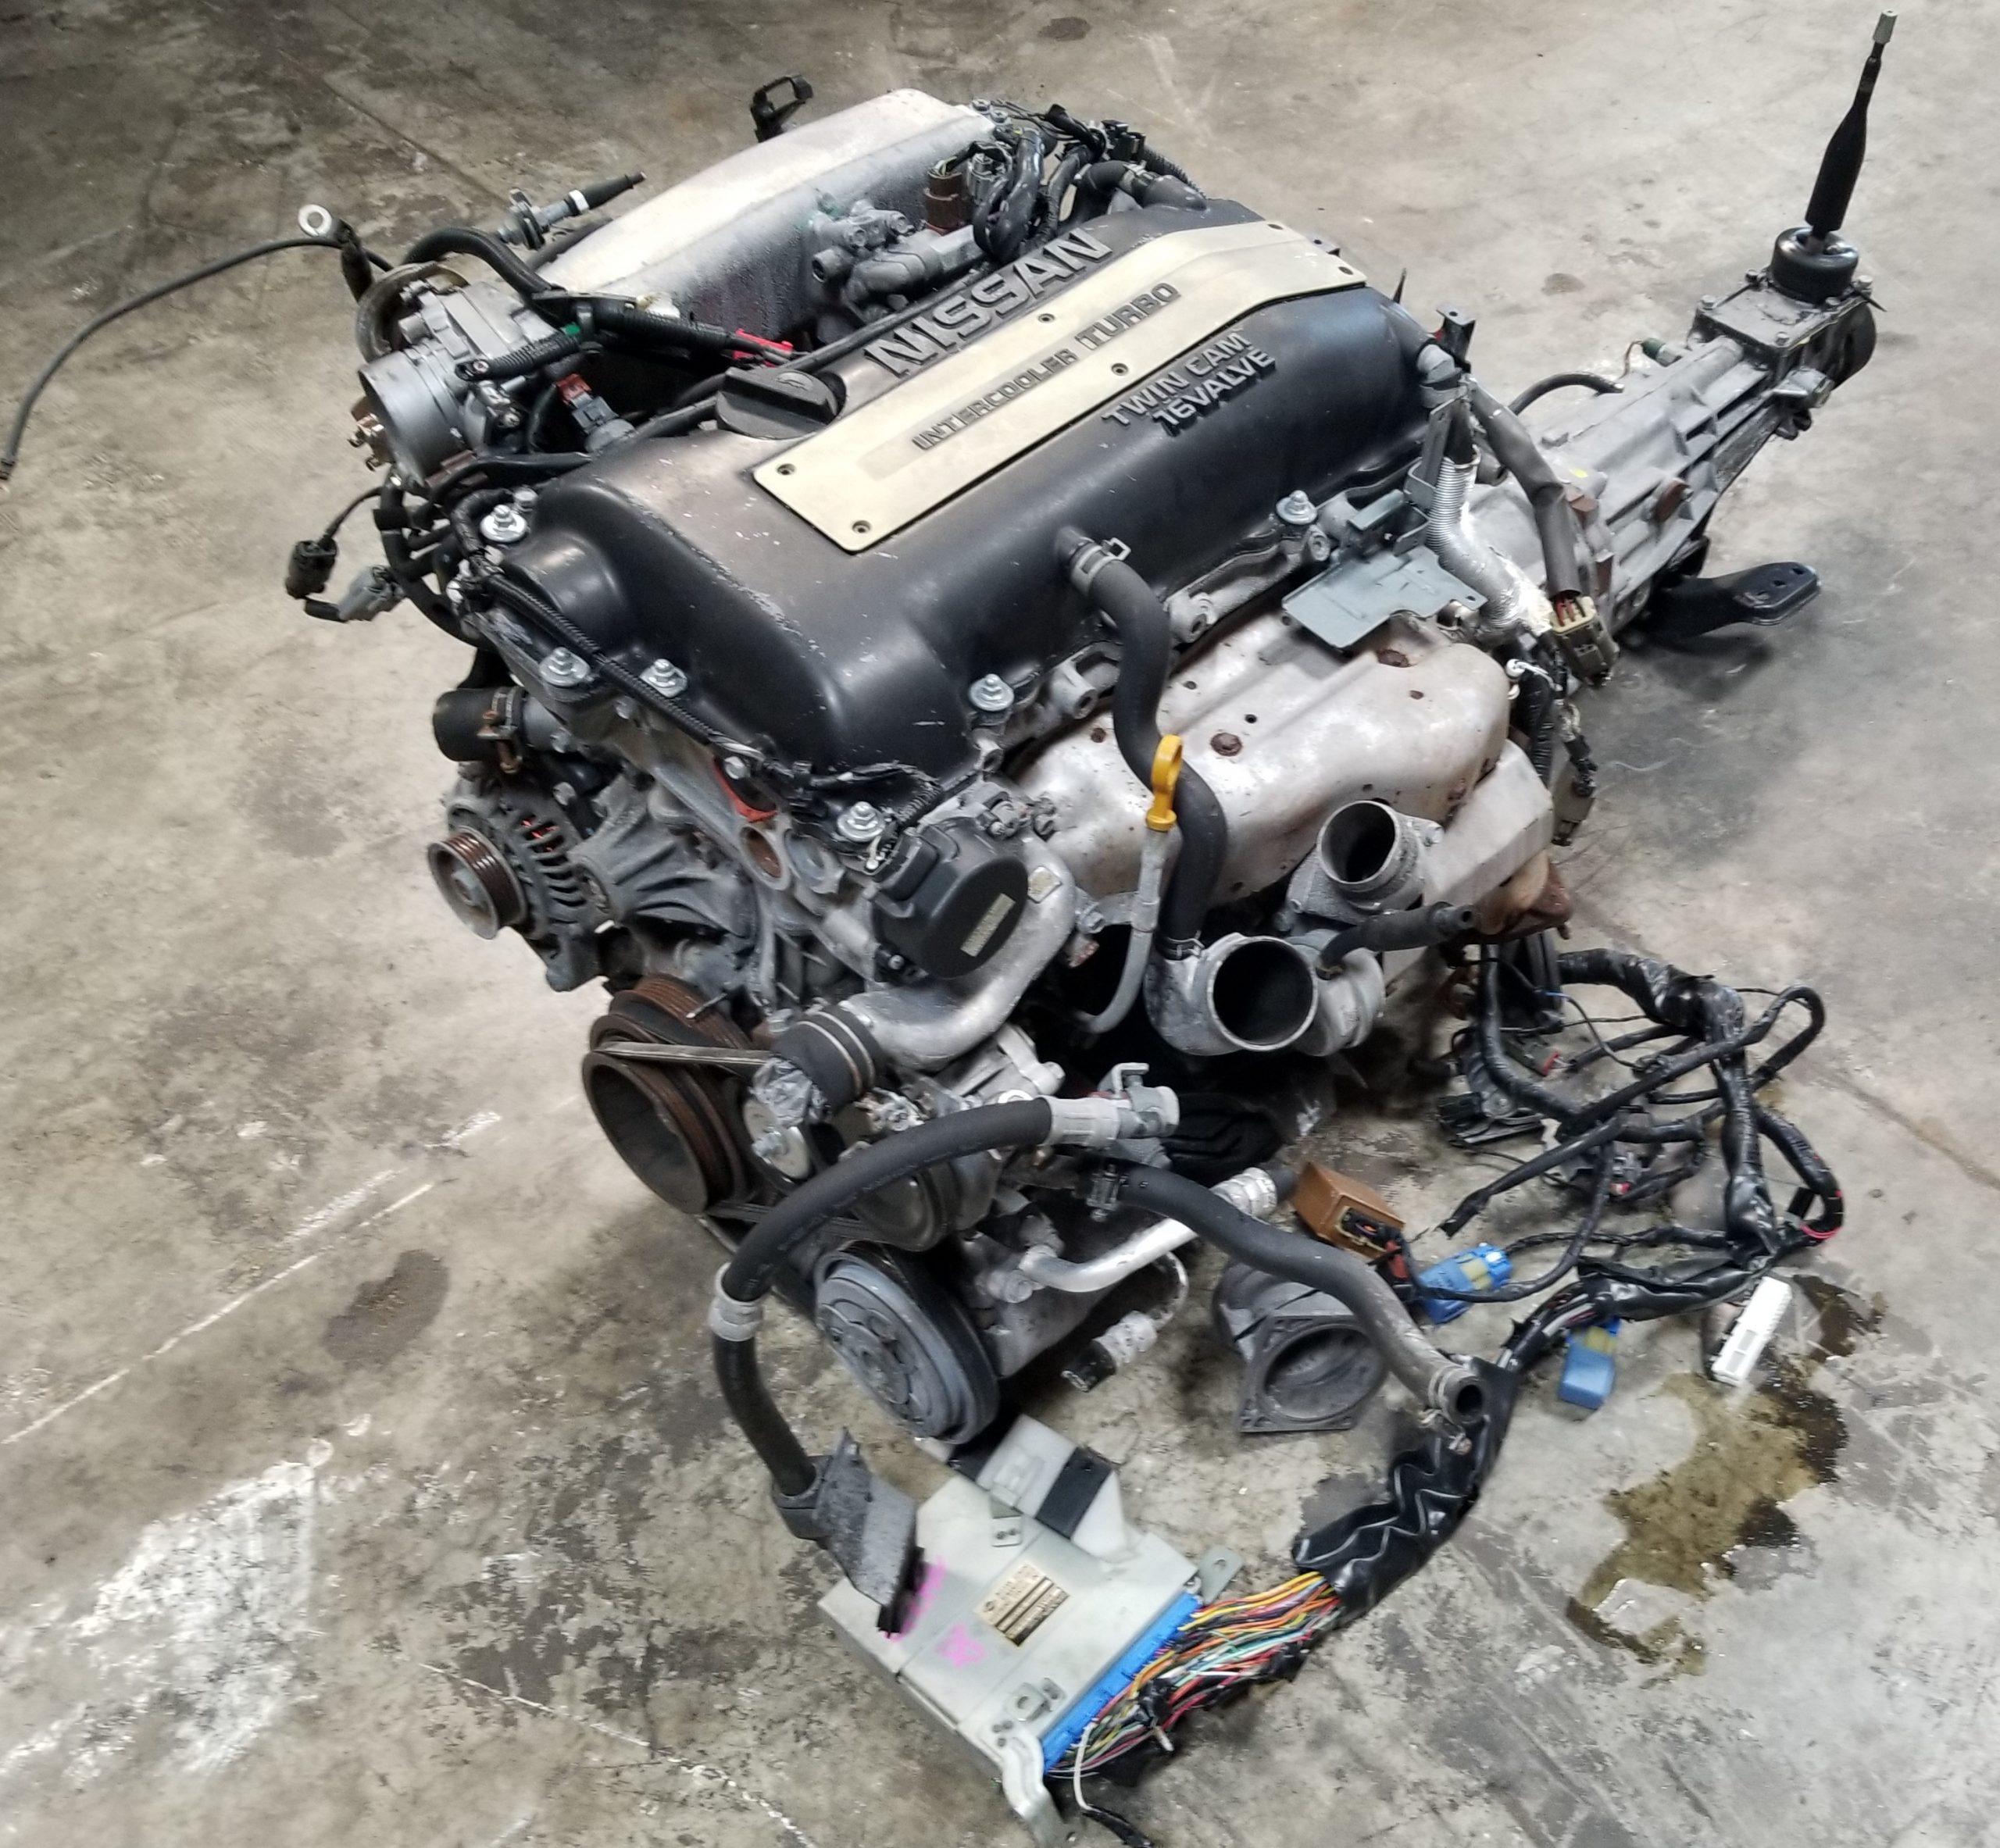 S15 Sr20det Notch Top Nissan 240sx Silvia Sr20 Turbo 2 0l 6 Speed Mt Maf Ecu M T Jdm Of San Diego